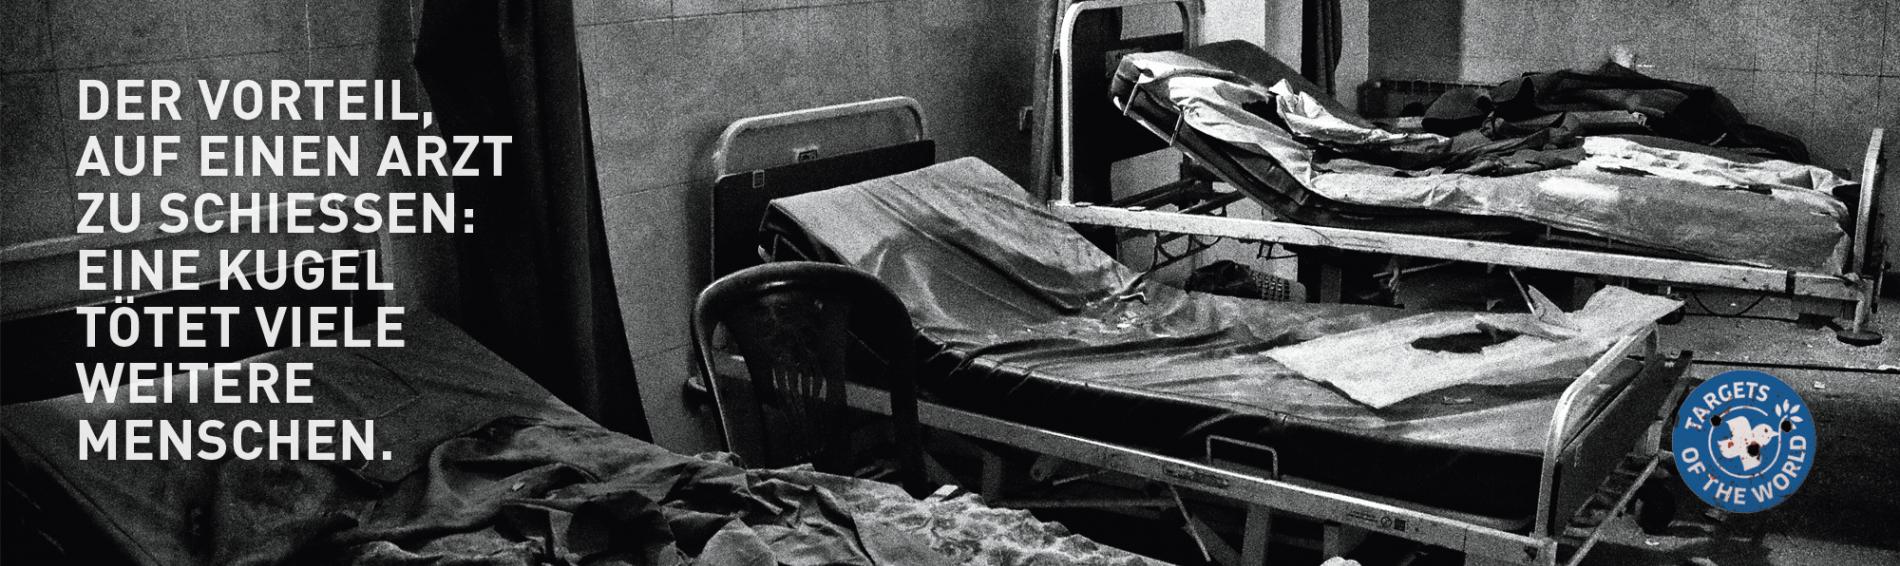 Der Vorteil, auf einen Arzt zu schiessen: Eine Kugel tötet viele weitere Menschen. Targets of the World